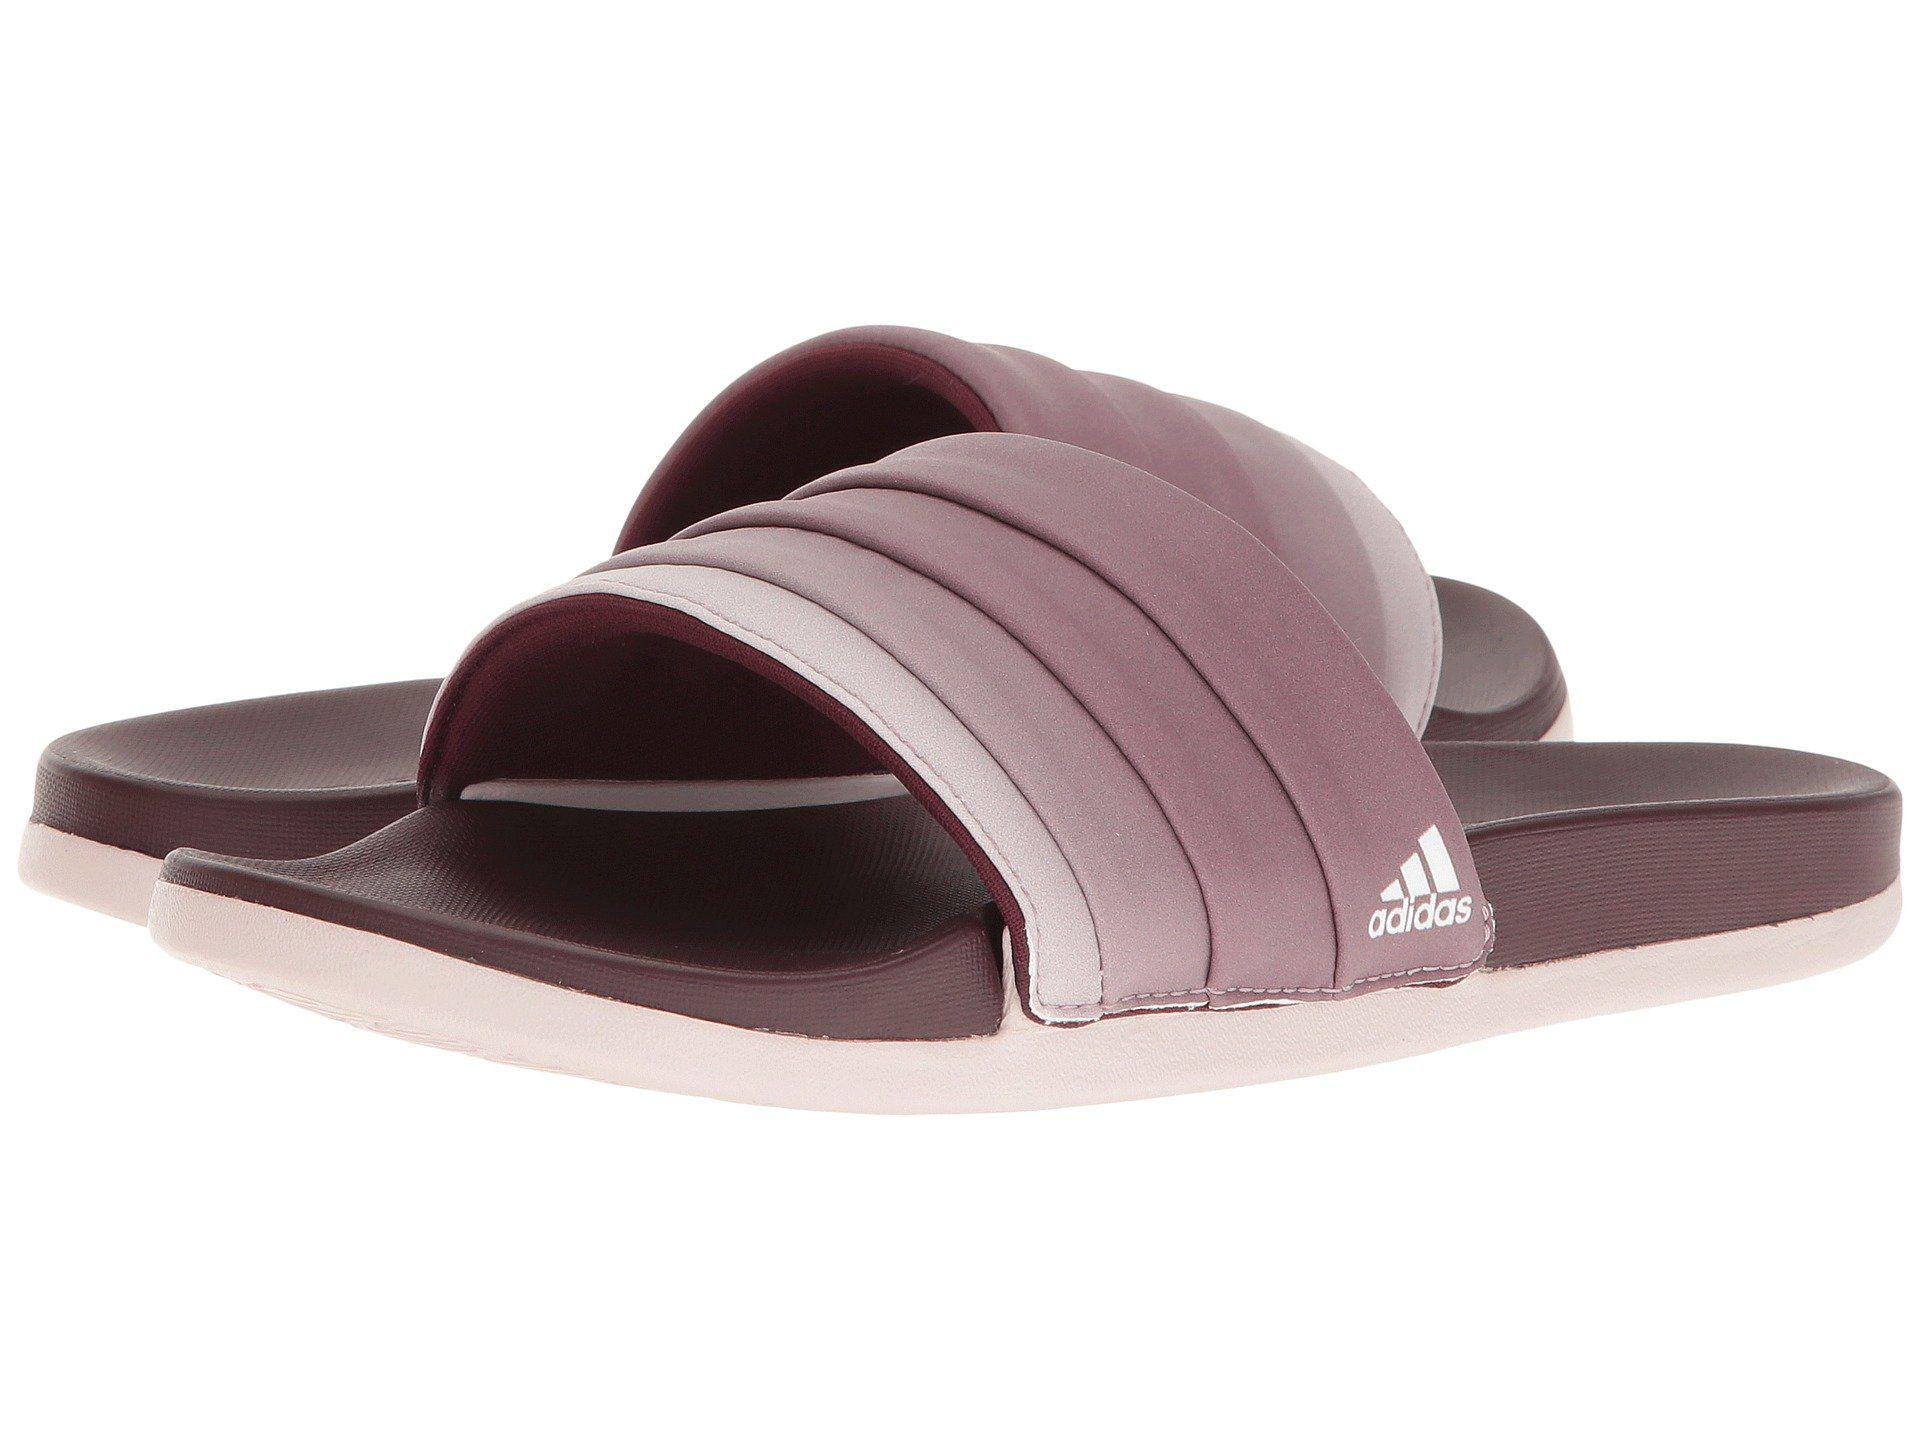 fcf3ac2a0e19 ADIDAS ORIGINALS Adilette Cloudfoam Ultra Armad.  adidasoriginals  shoes